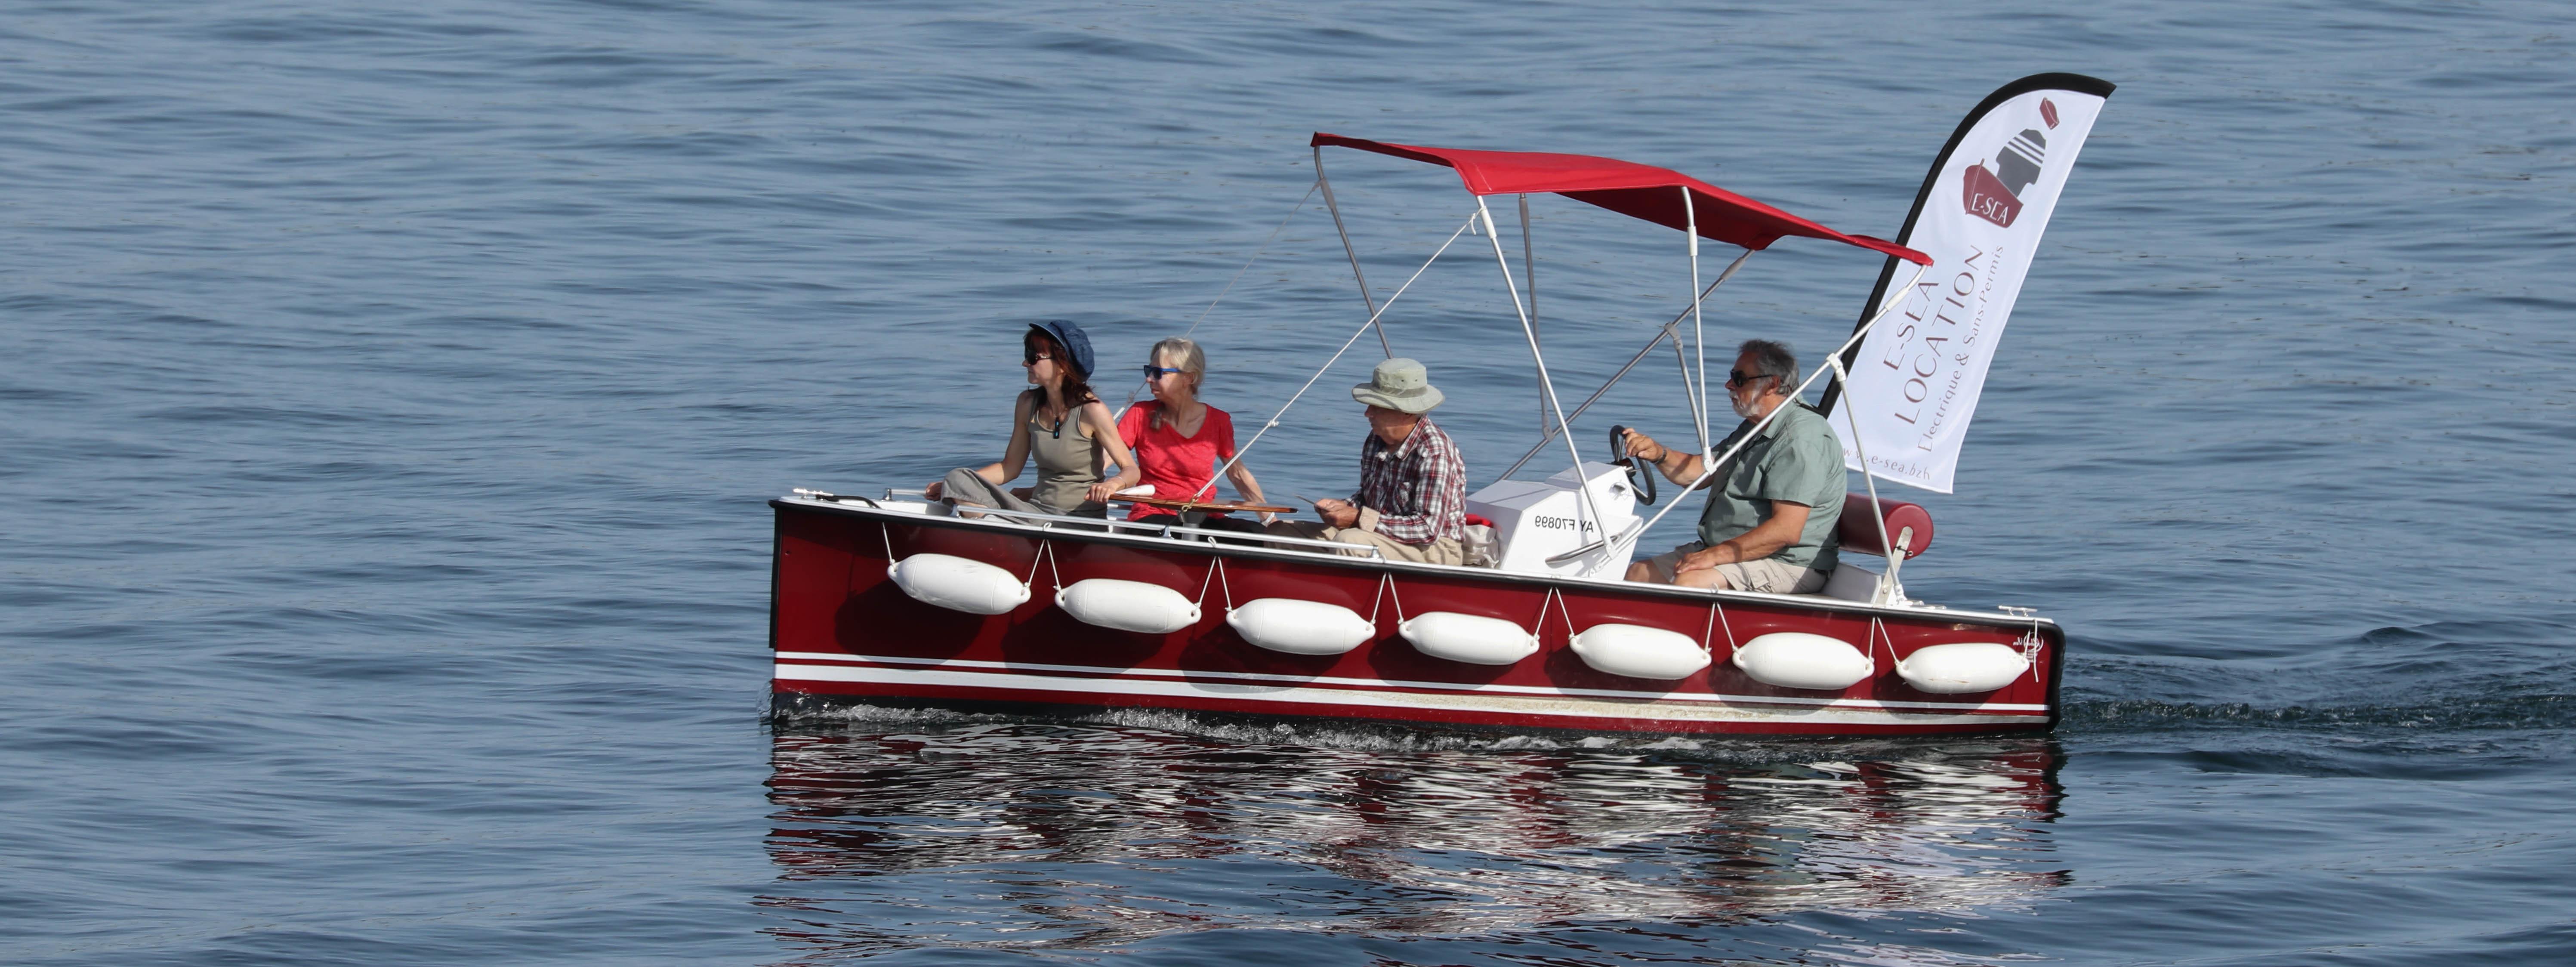 figure de proue, la trinité sur mer, 6 août 18, 9h13 (1 sur 1).jpg